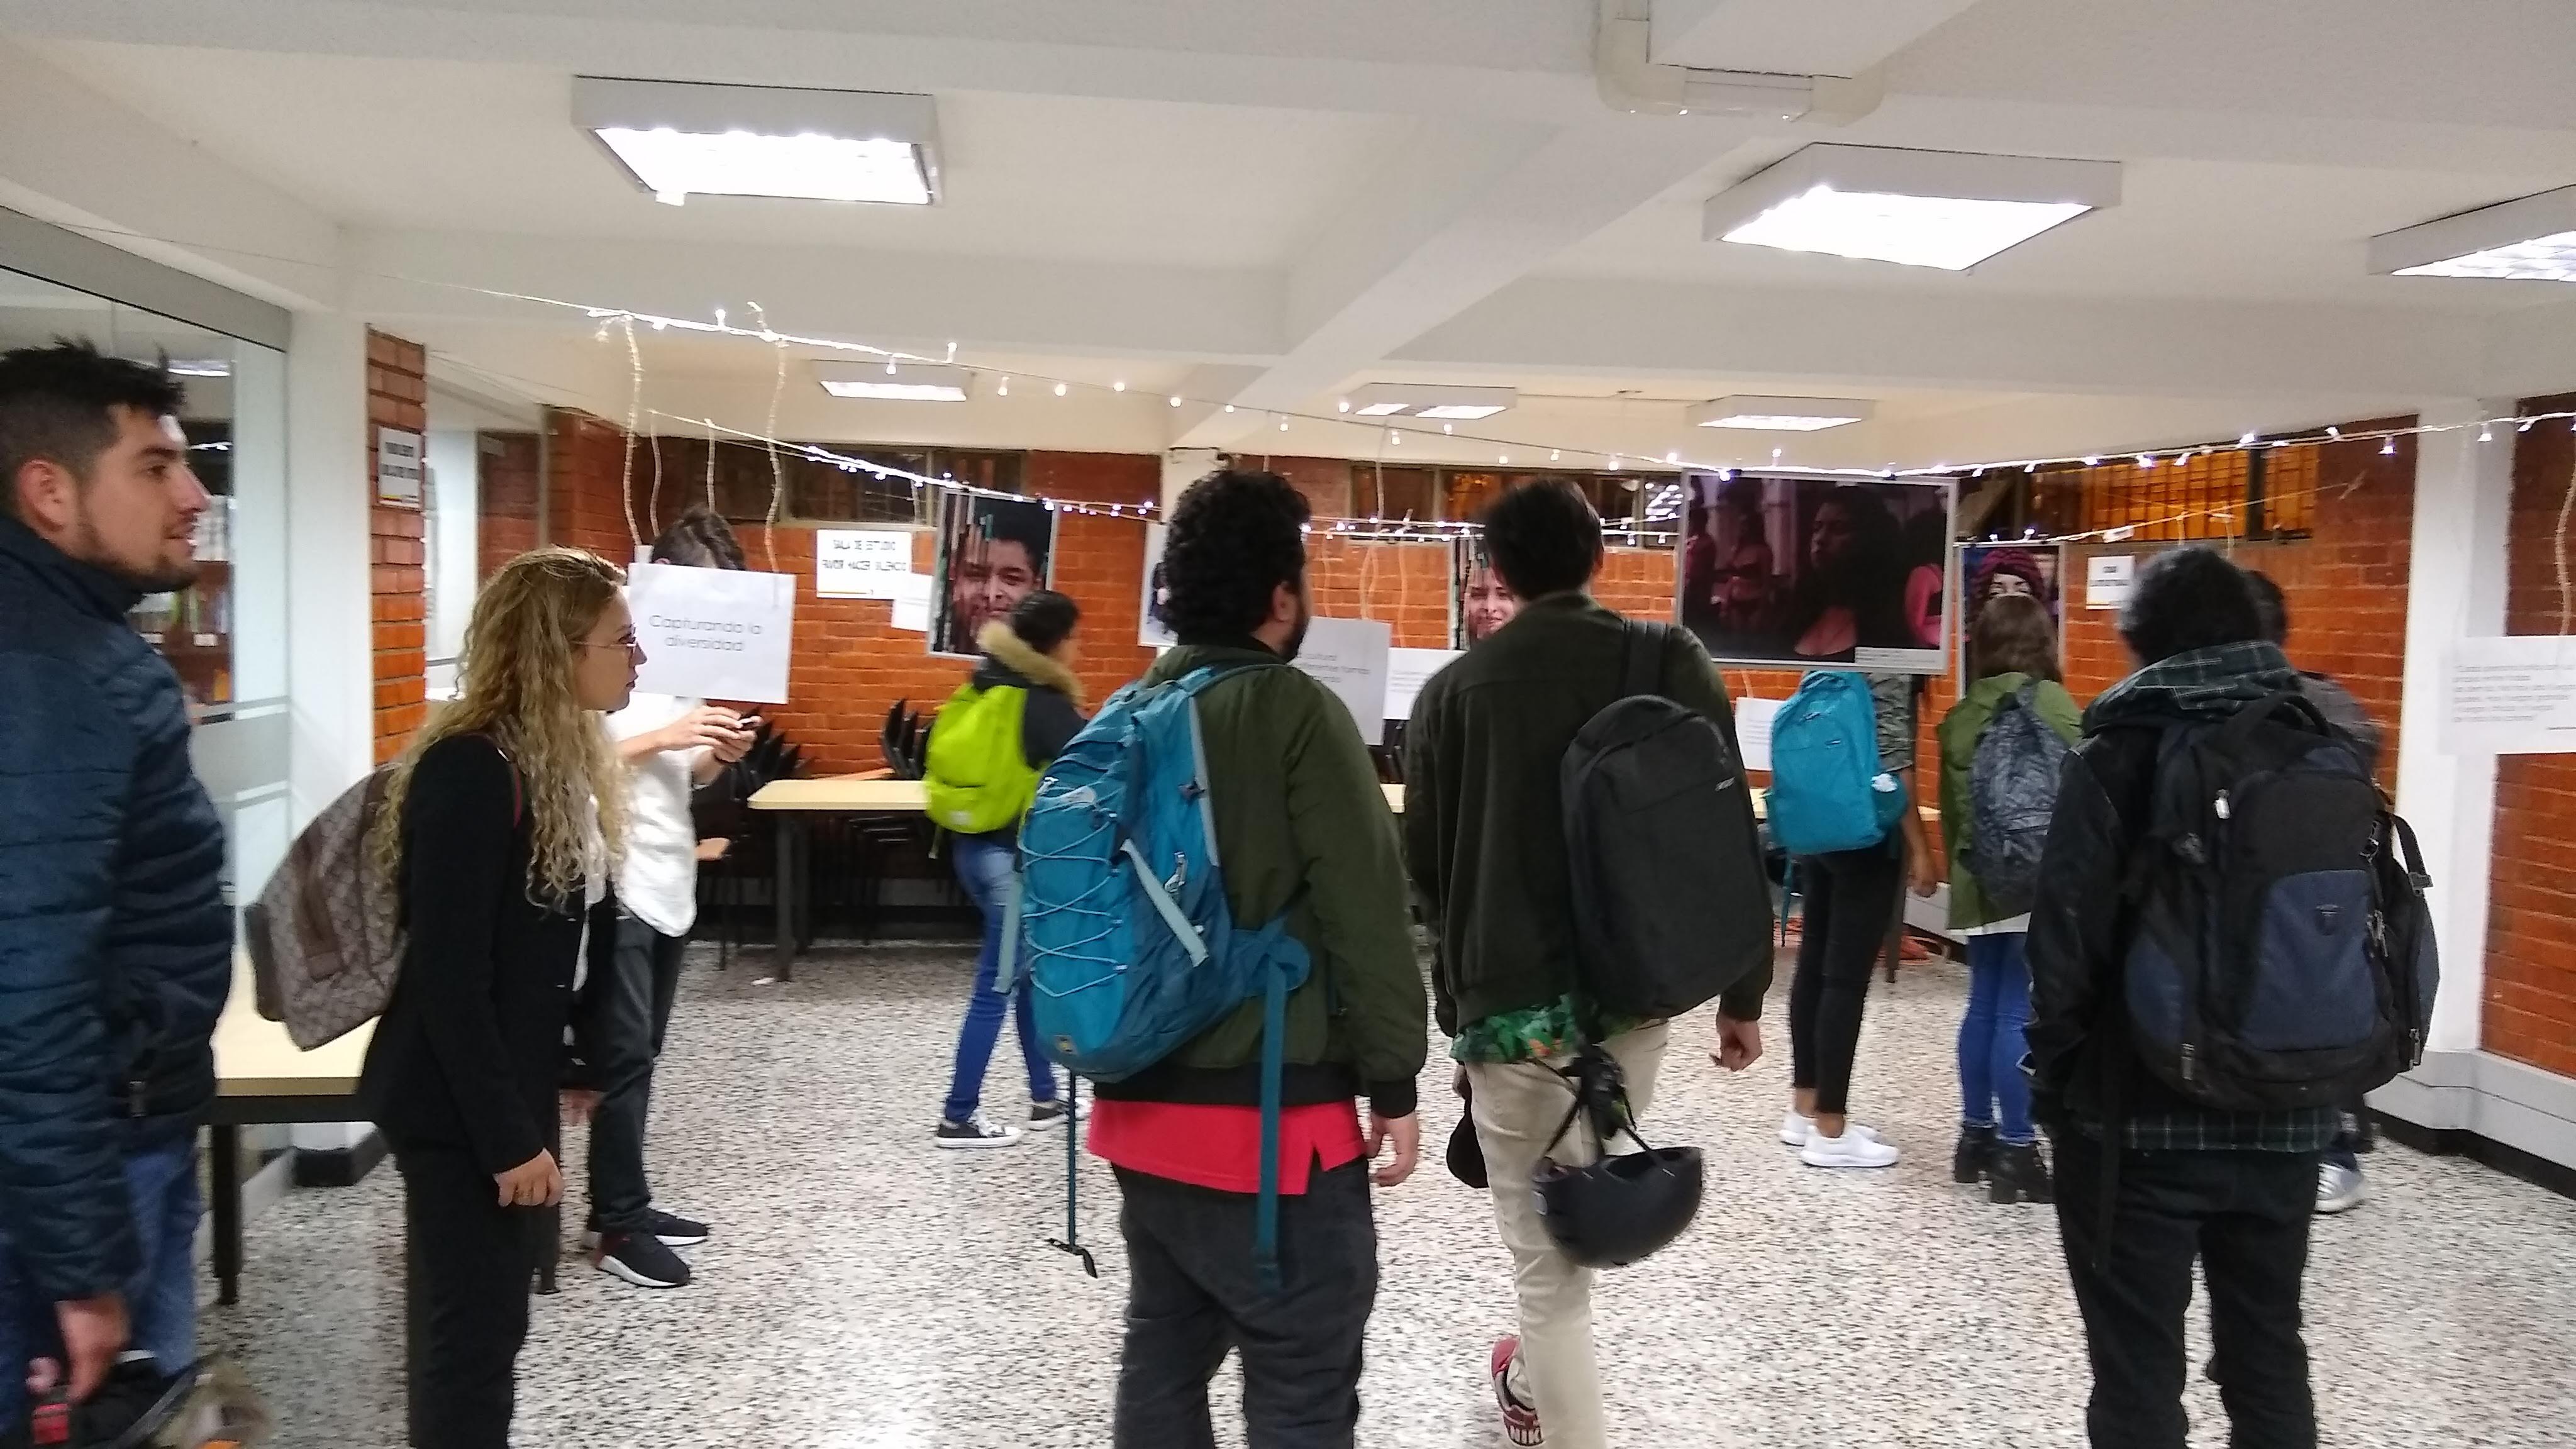 Estudiantes observando las fotografías que están colgadas en una cuerda.